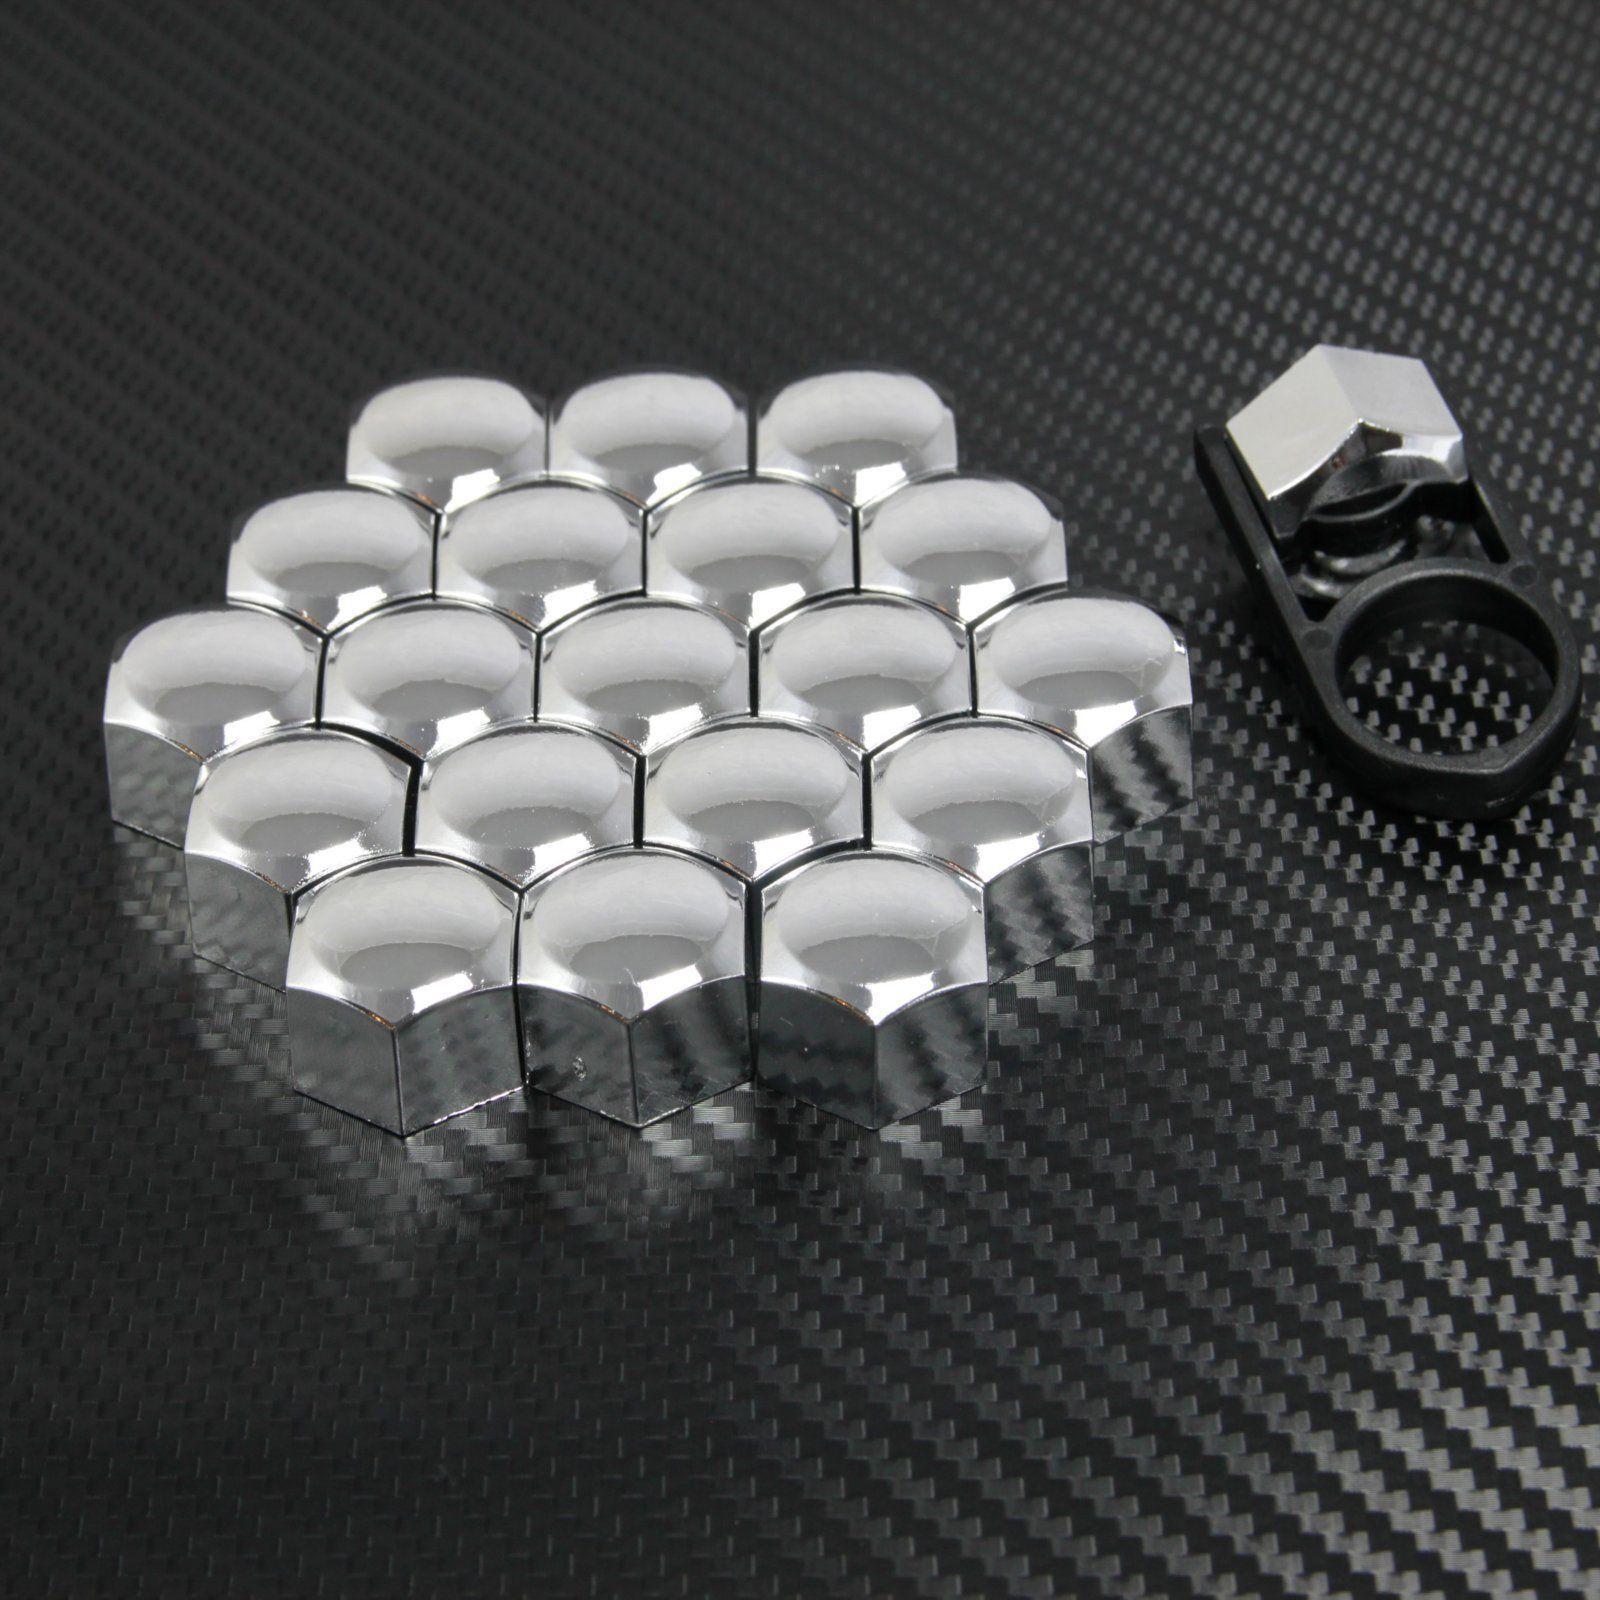 20 Auto Abdeckung Radschraube Kappe 17mm  Abzieher chrom für OPEL Vectra Tigra